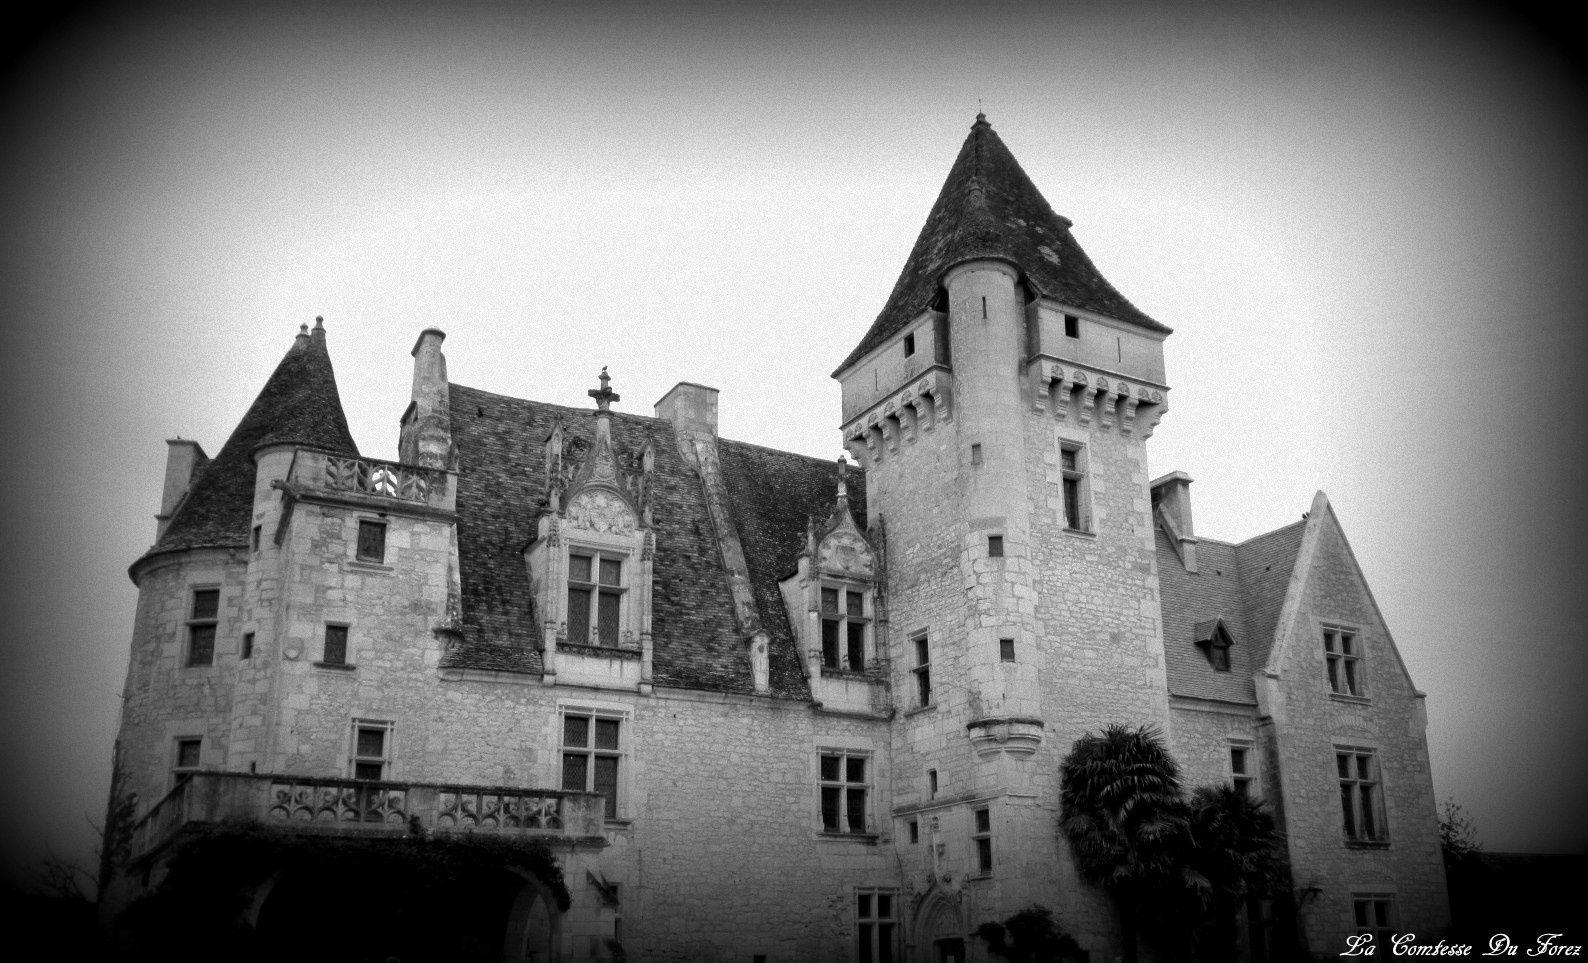 Château des Milandes (24250 Castelnaud-la-Chapelle)